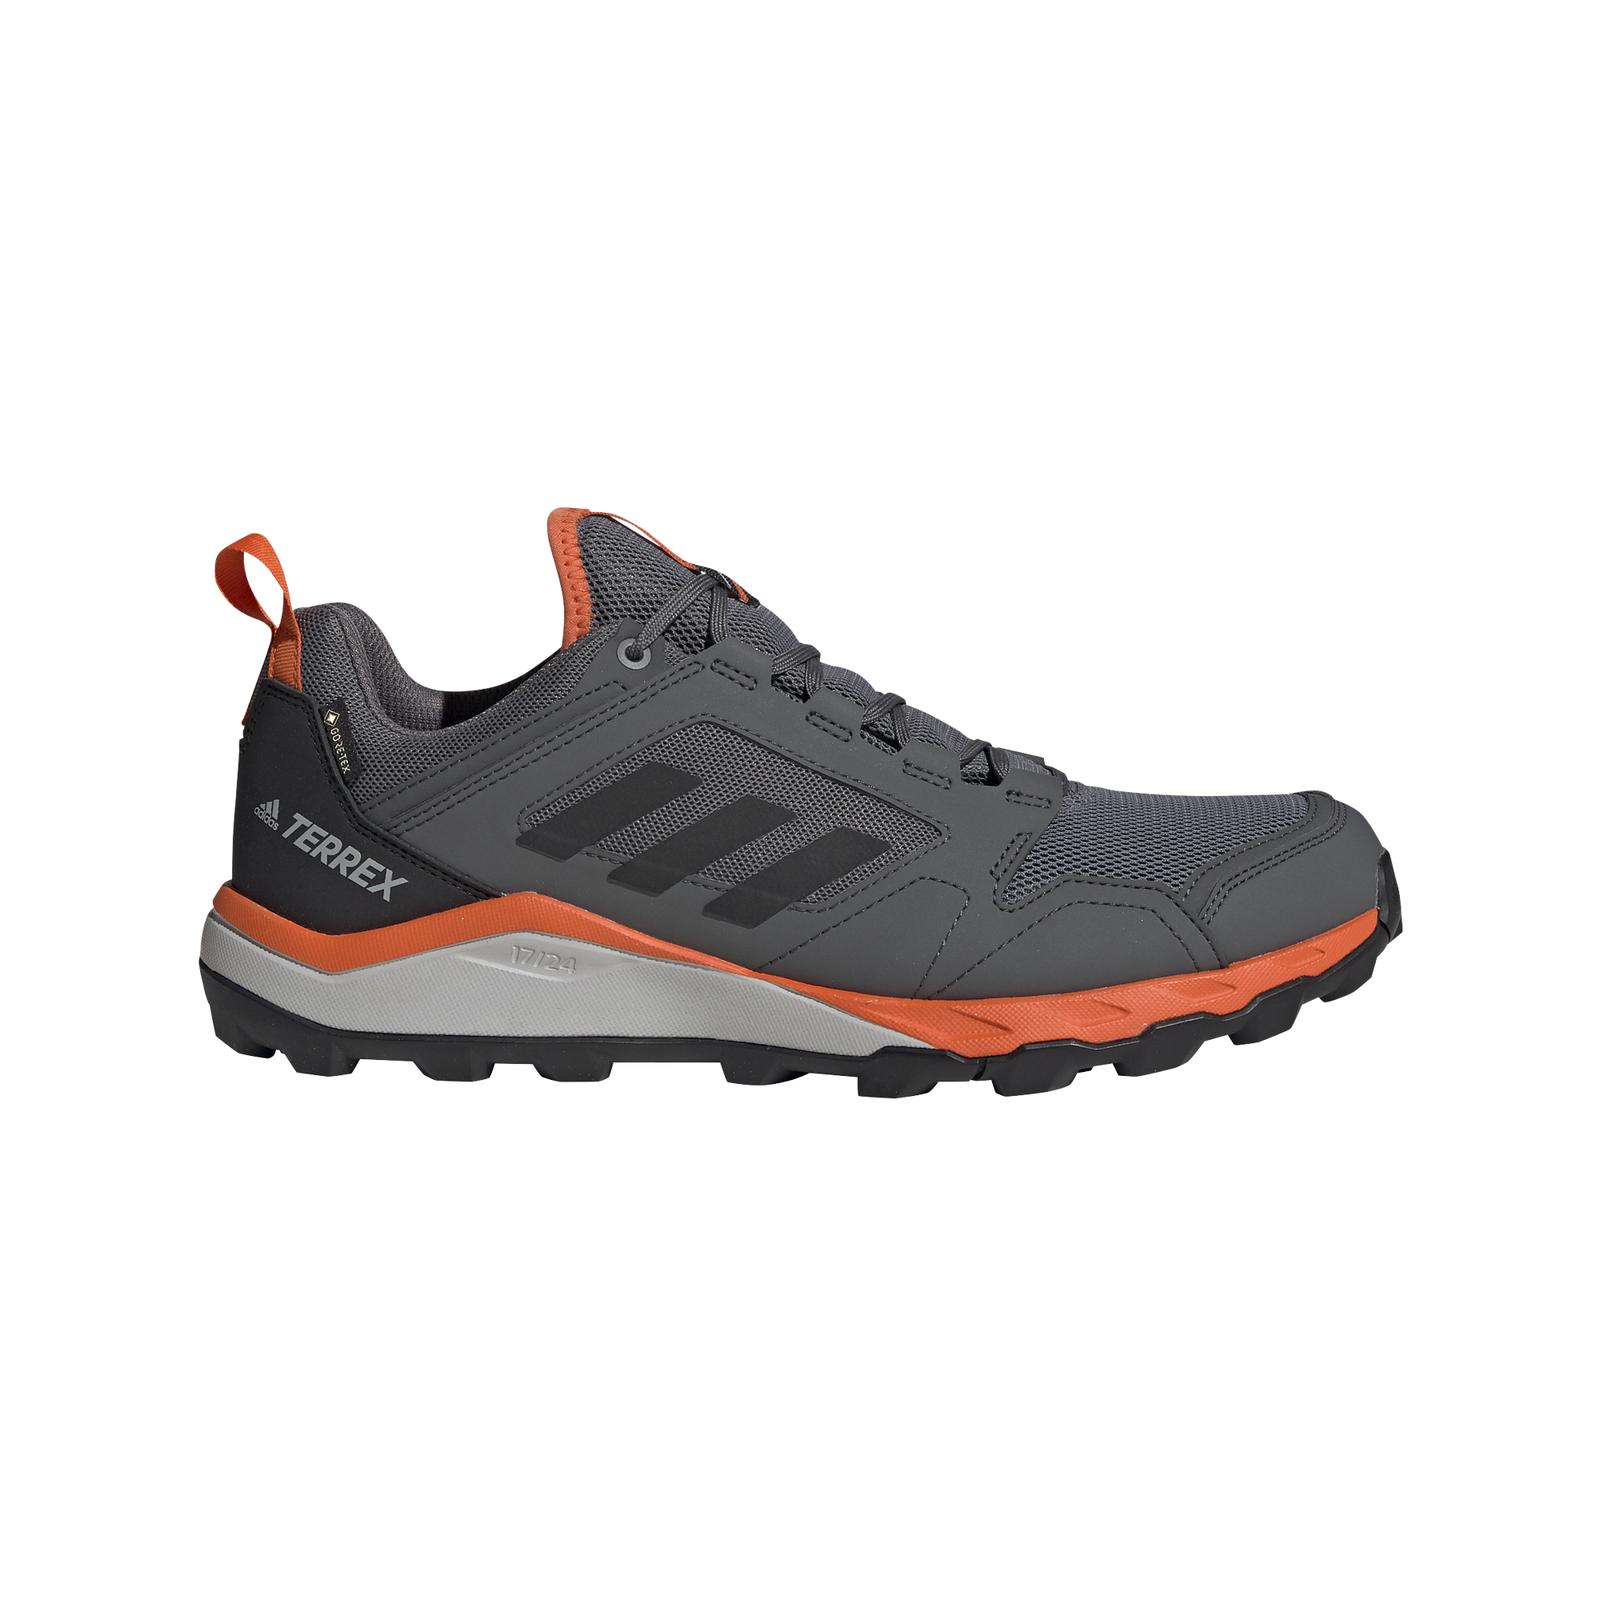 Adidas Terrex Agravice Tr Gtx Heren Wandelschoenen